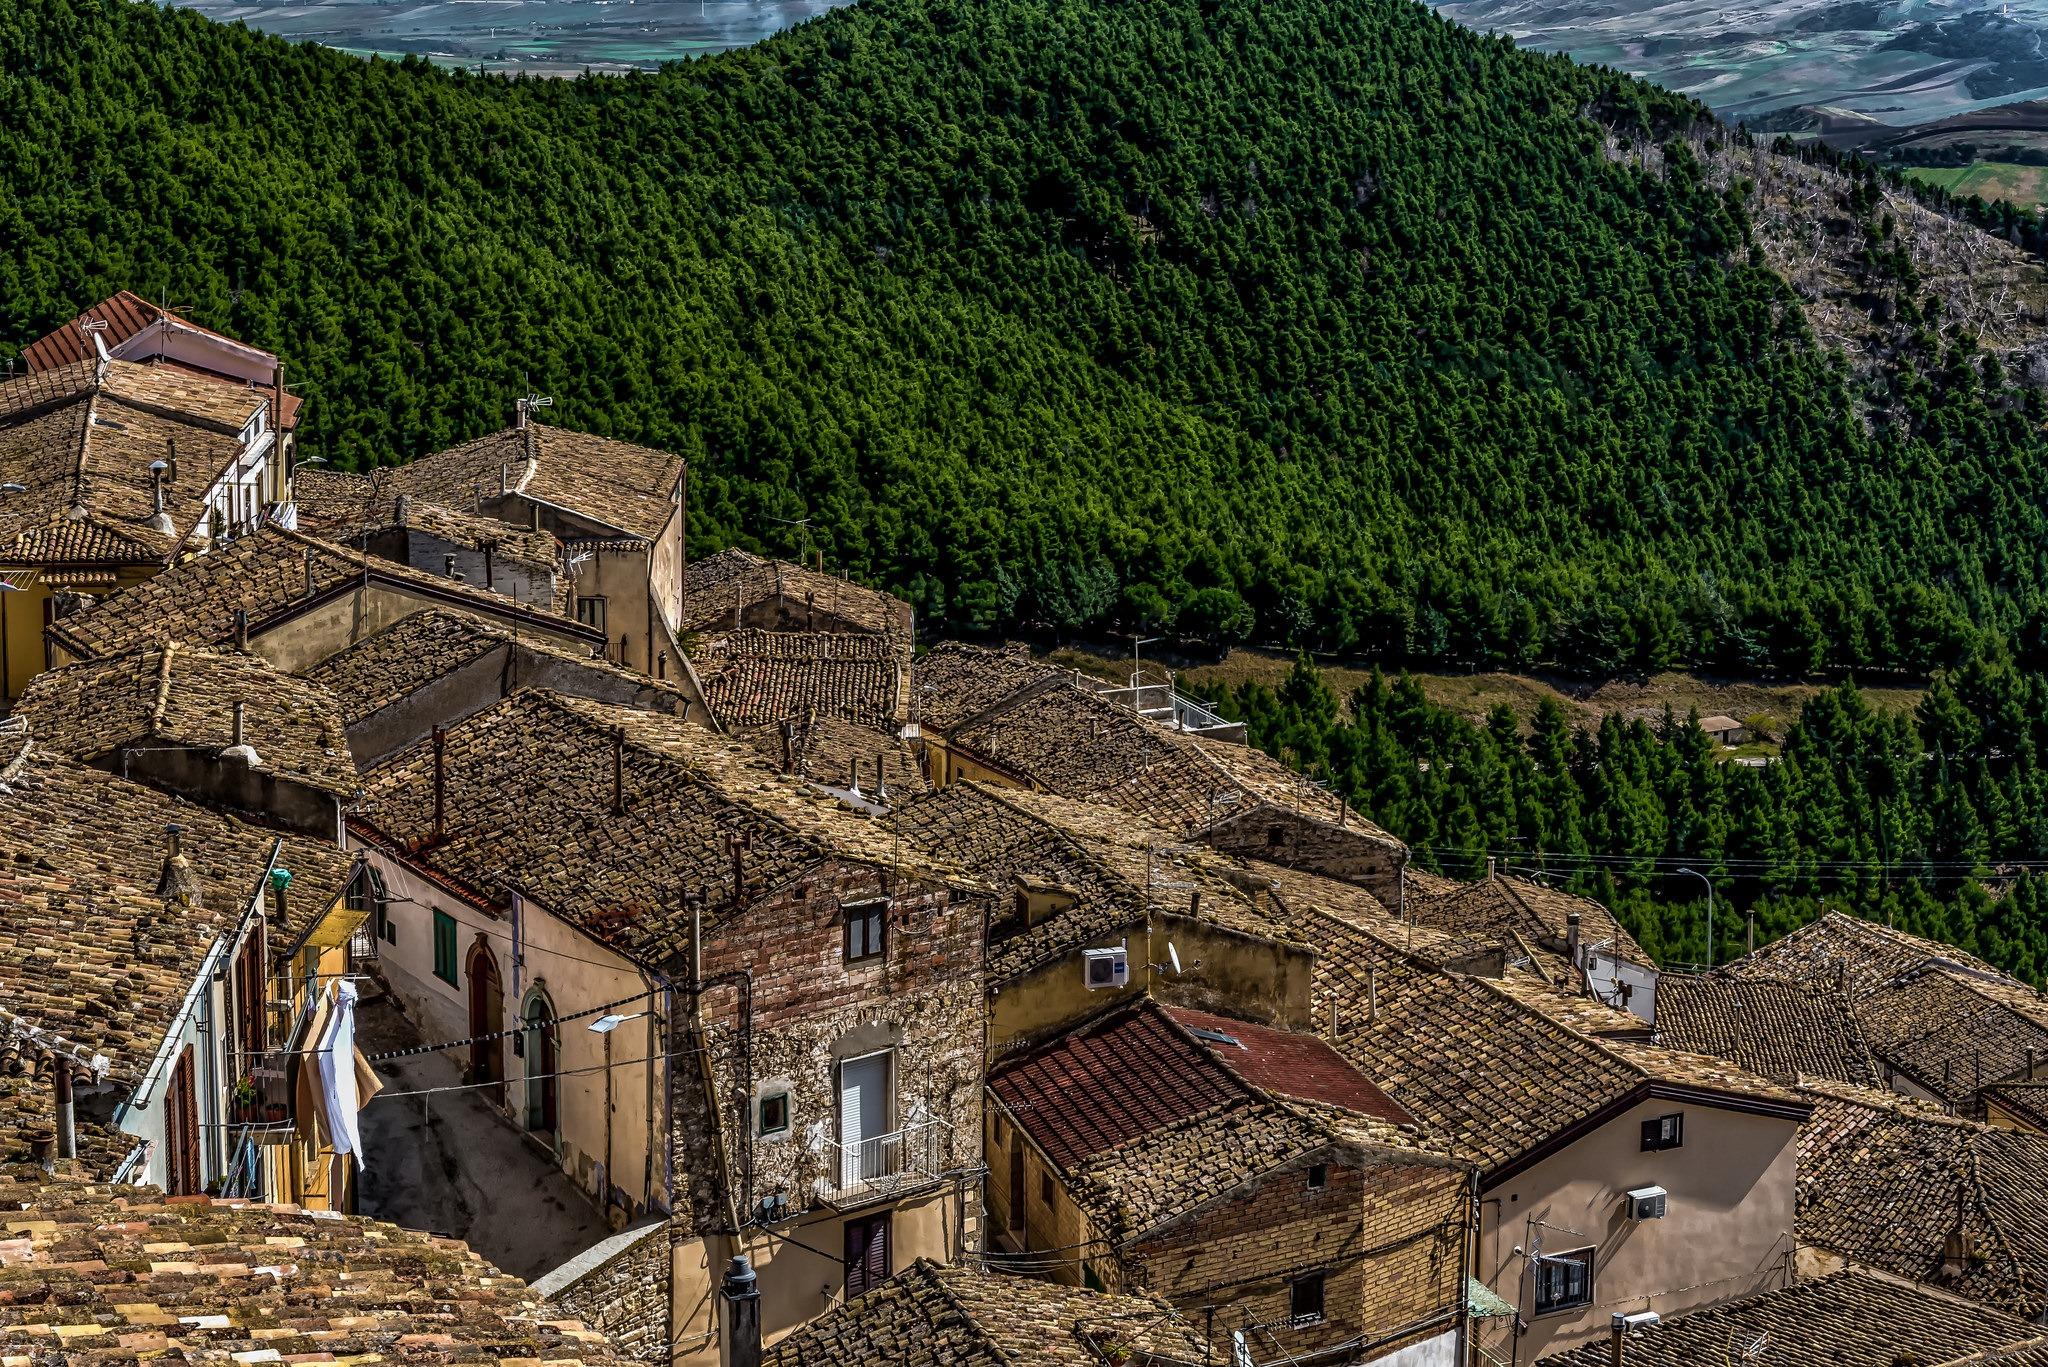 Sant'Agata-Di-Puglia-Apulia